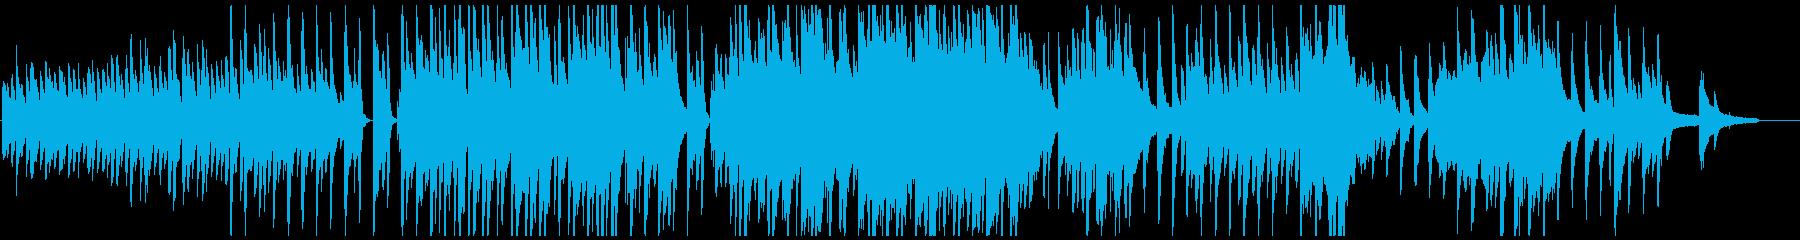 穏やかなピアノのワルツの再生済みの波形